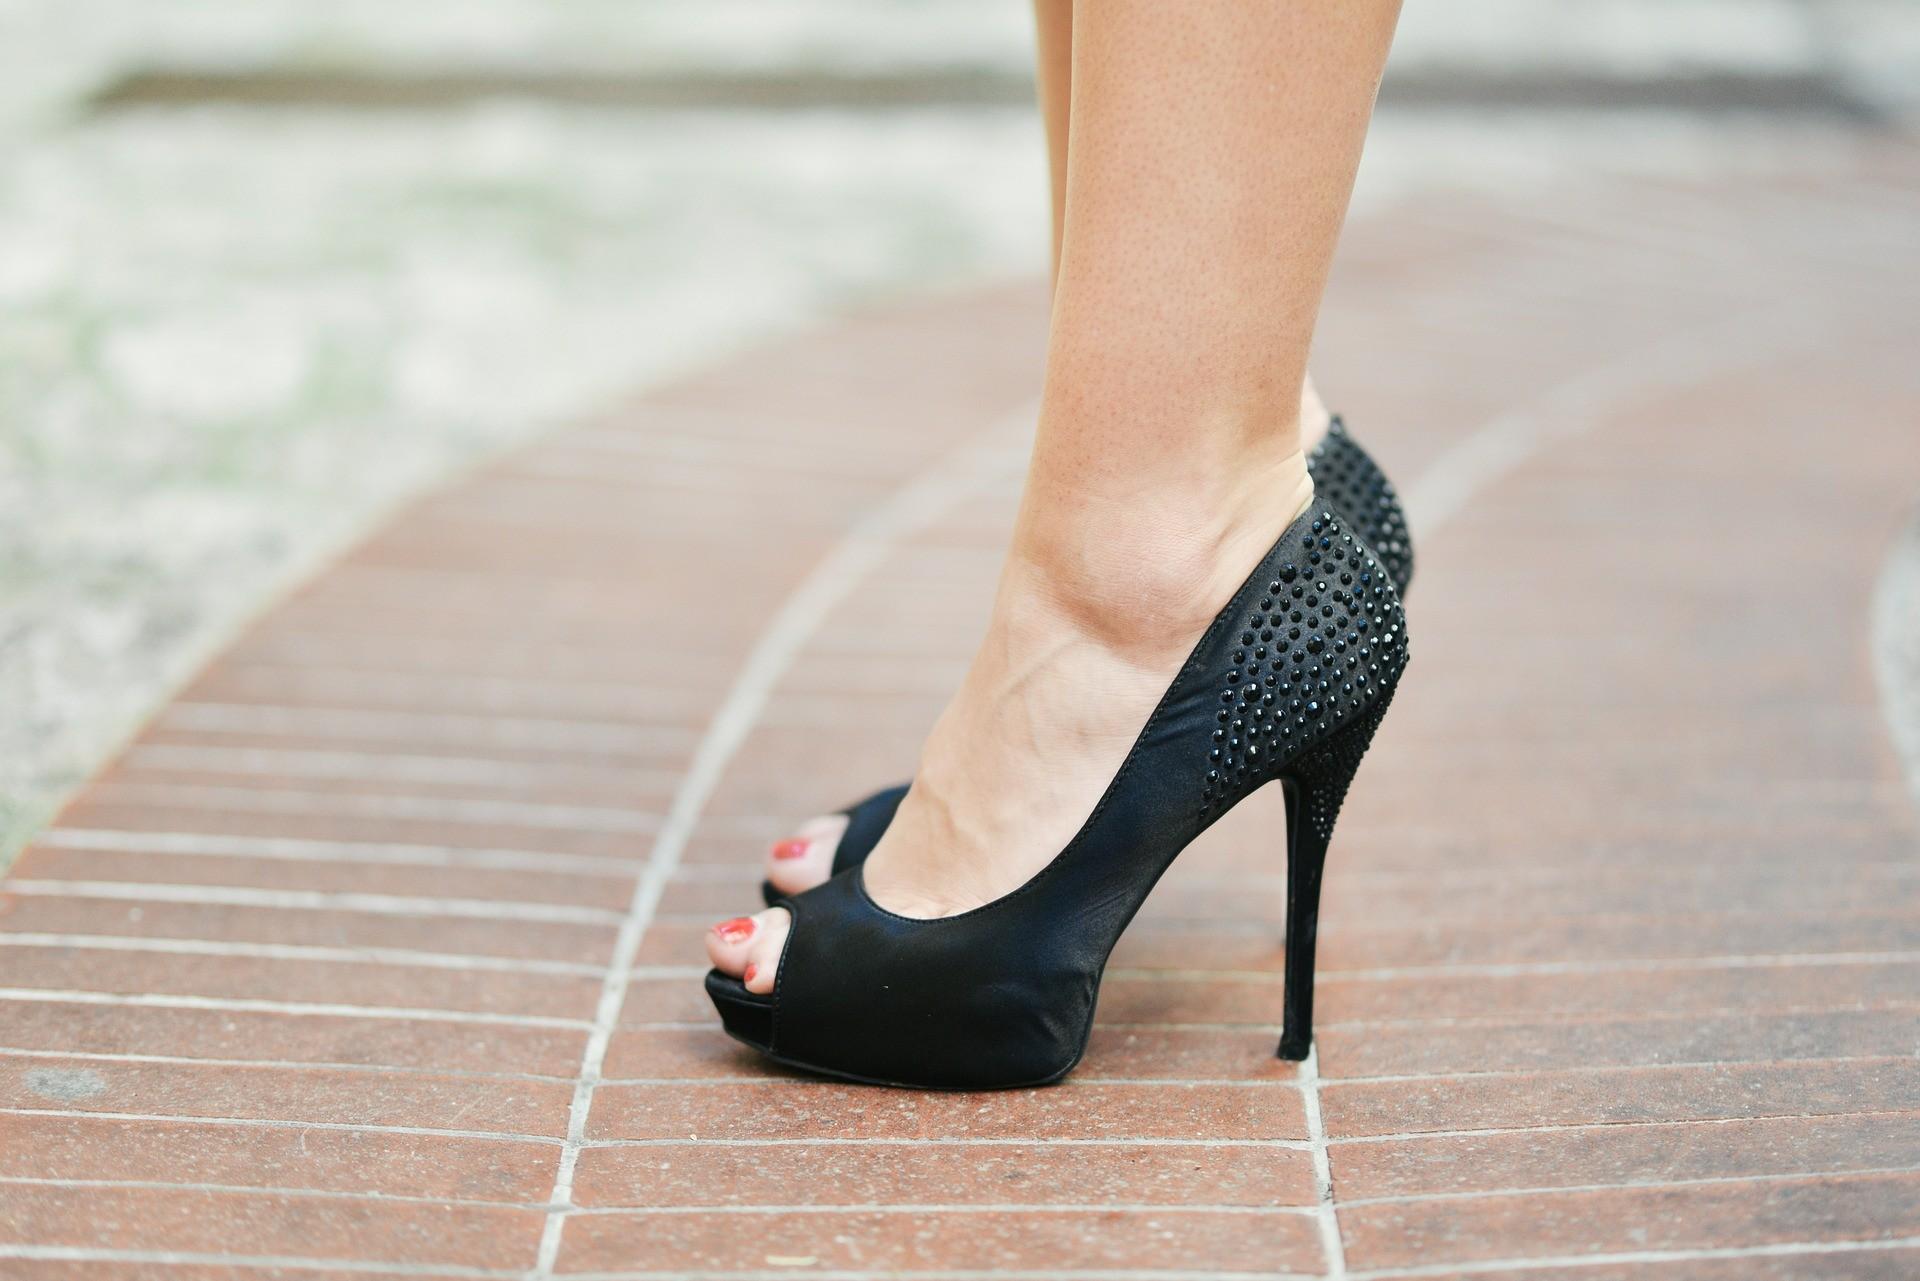 ▲高跟鞋。(圖/取自免費圖庫Pixabay)